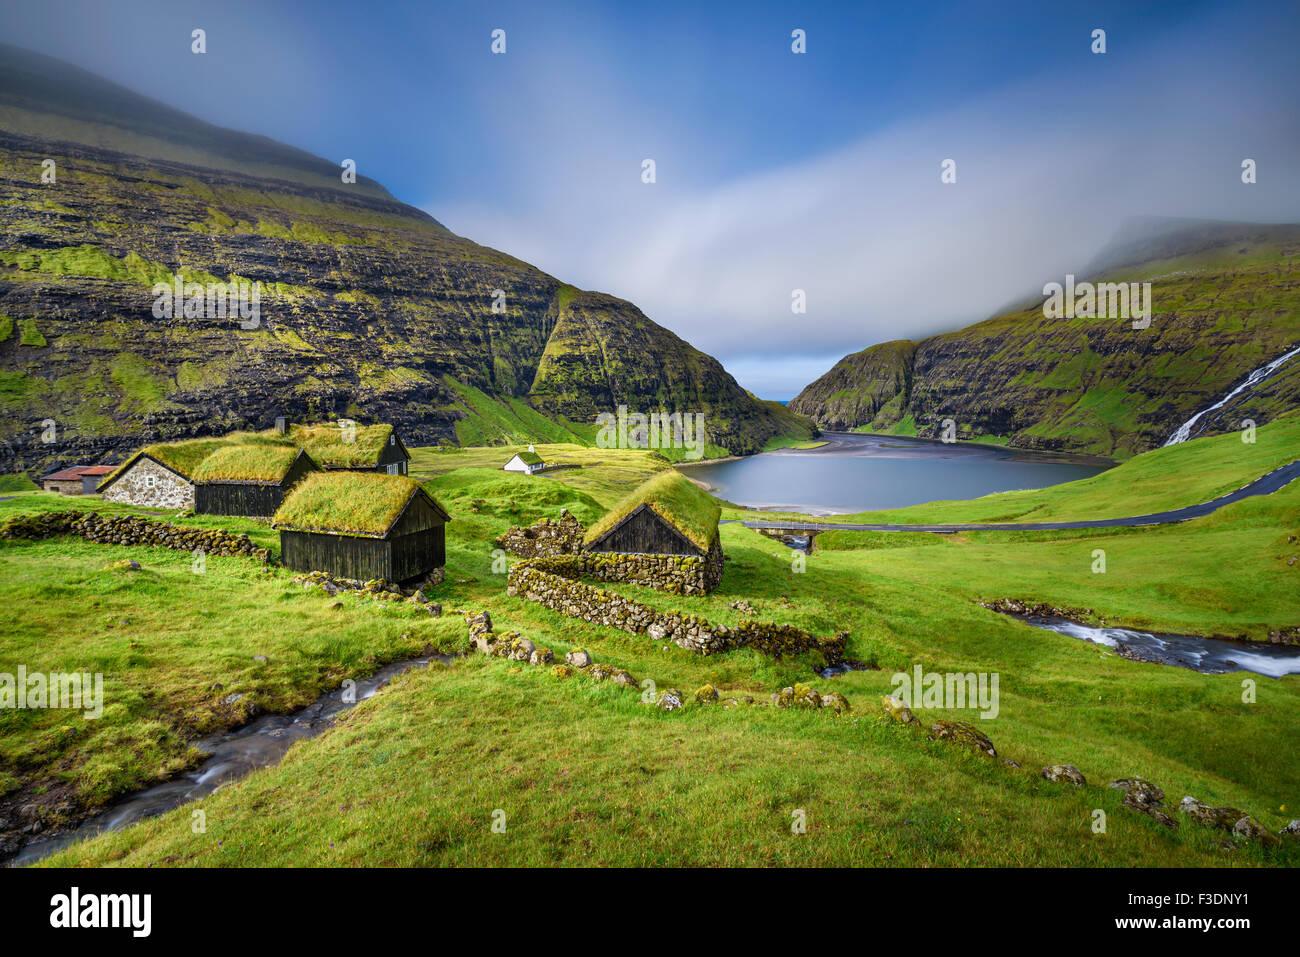 Village de Saksun situé sur l'île de Streymoy, îles Féroé, Danemark. Longue exposition. Photo Stock